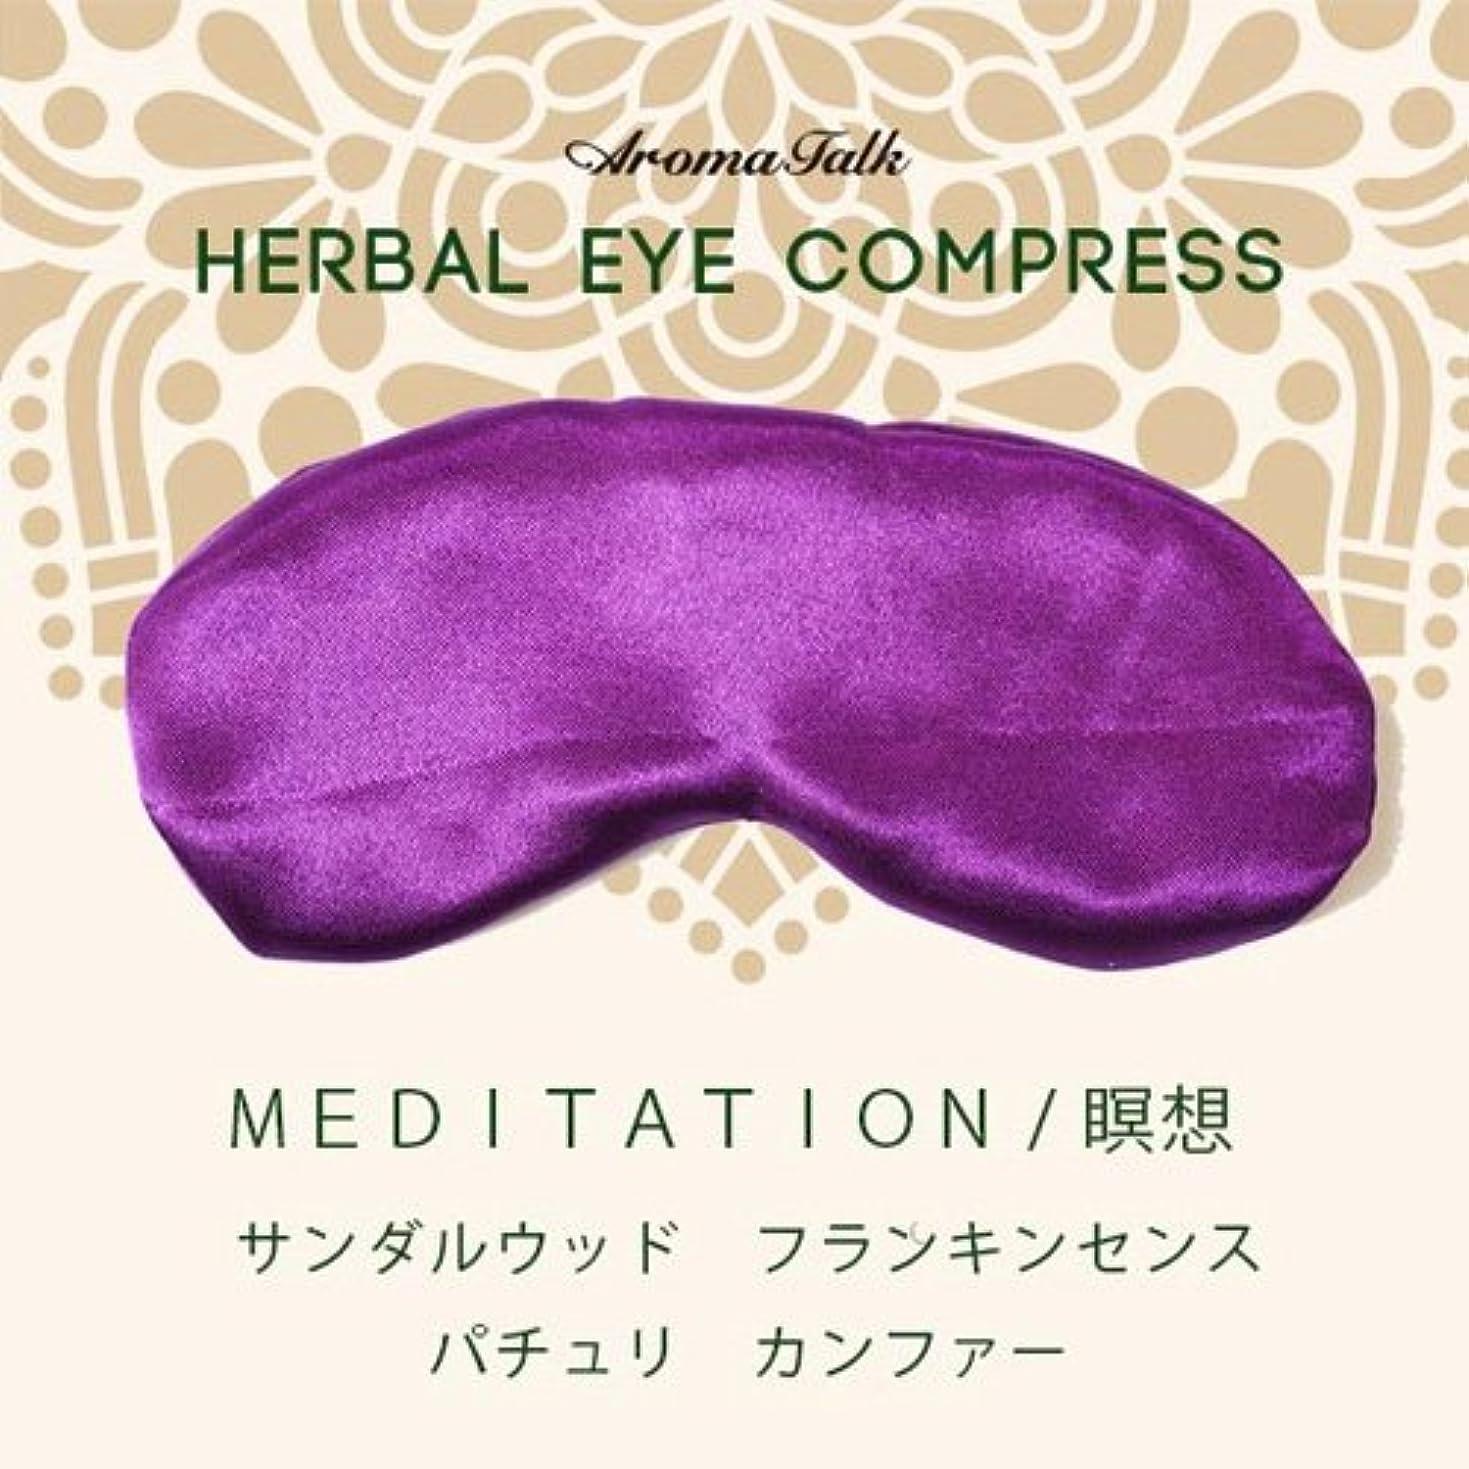 ビリーヤギ間隔やむを得ないハーバルアイコンプレス「メディテイション 瞑想」紫/禅をイメージしたウッド系の香り